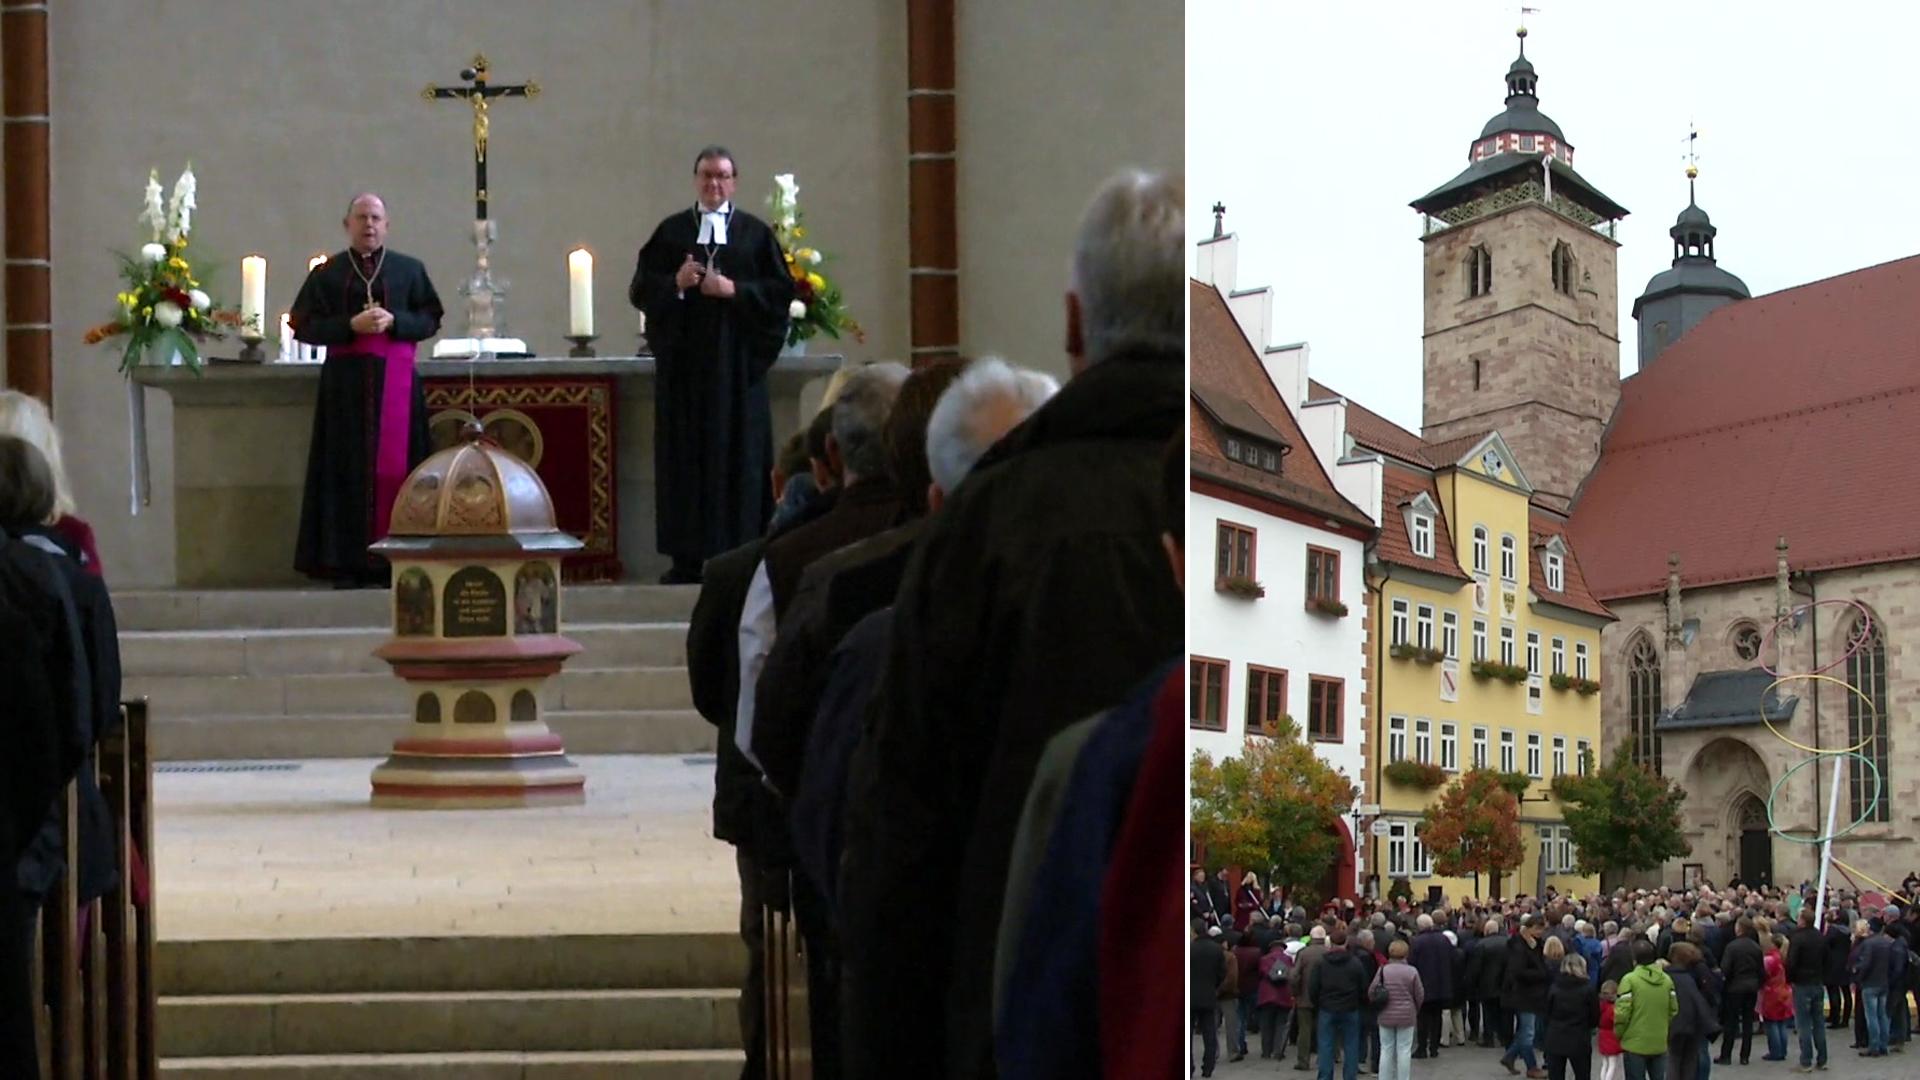 Protestanten und Katholiken haben in Schmalkalden gemeinsam den Reformationstag gefeiert.